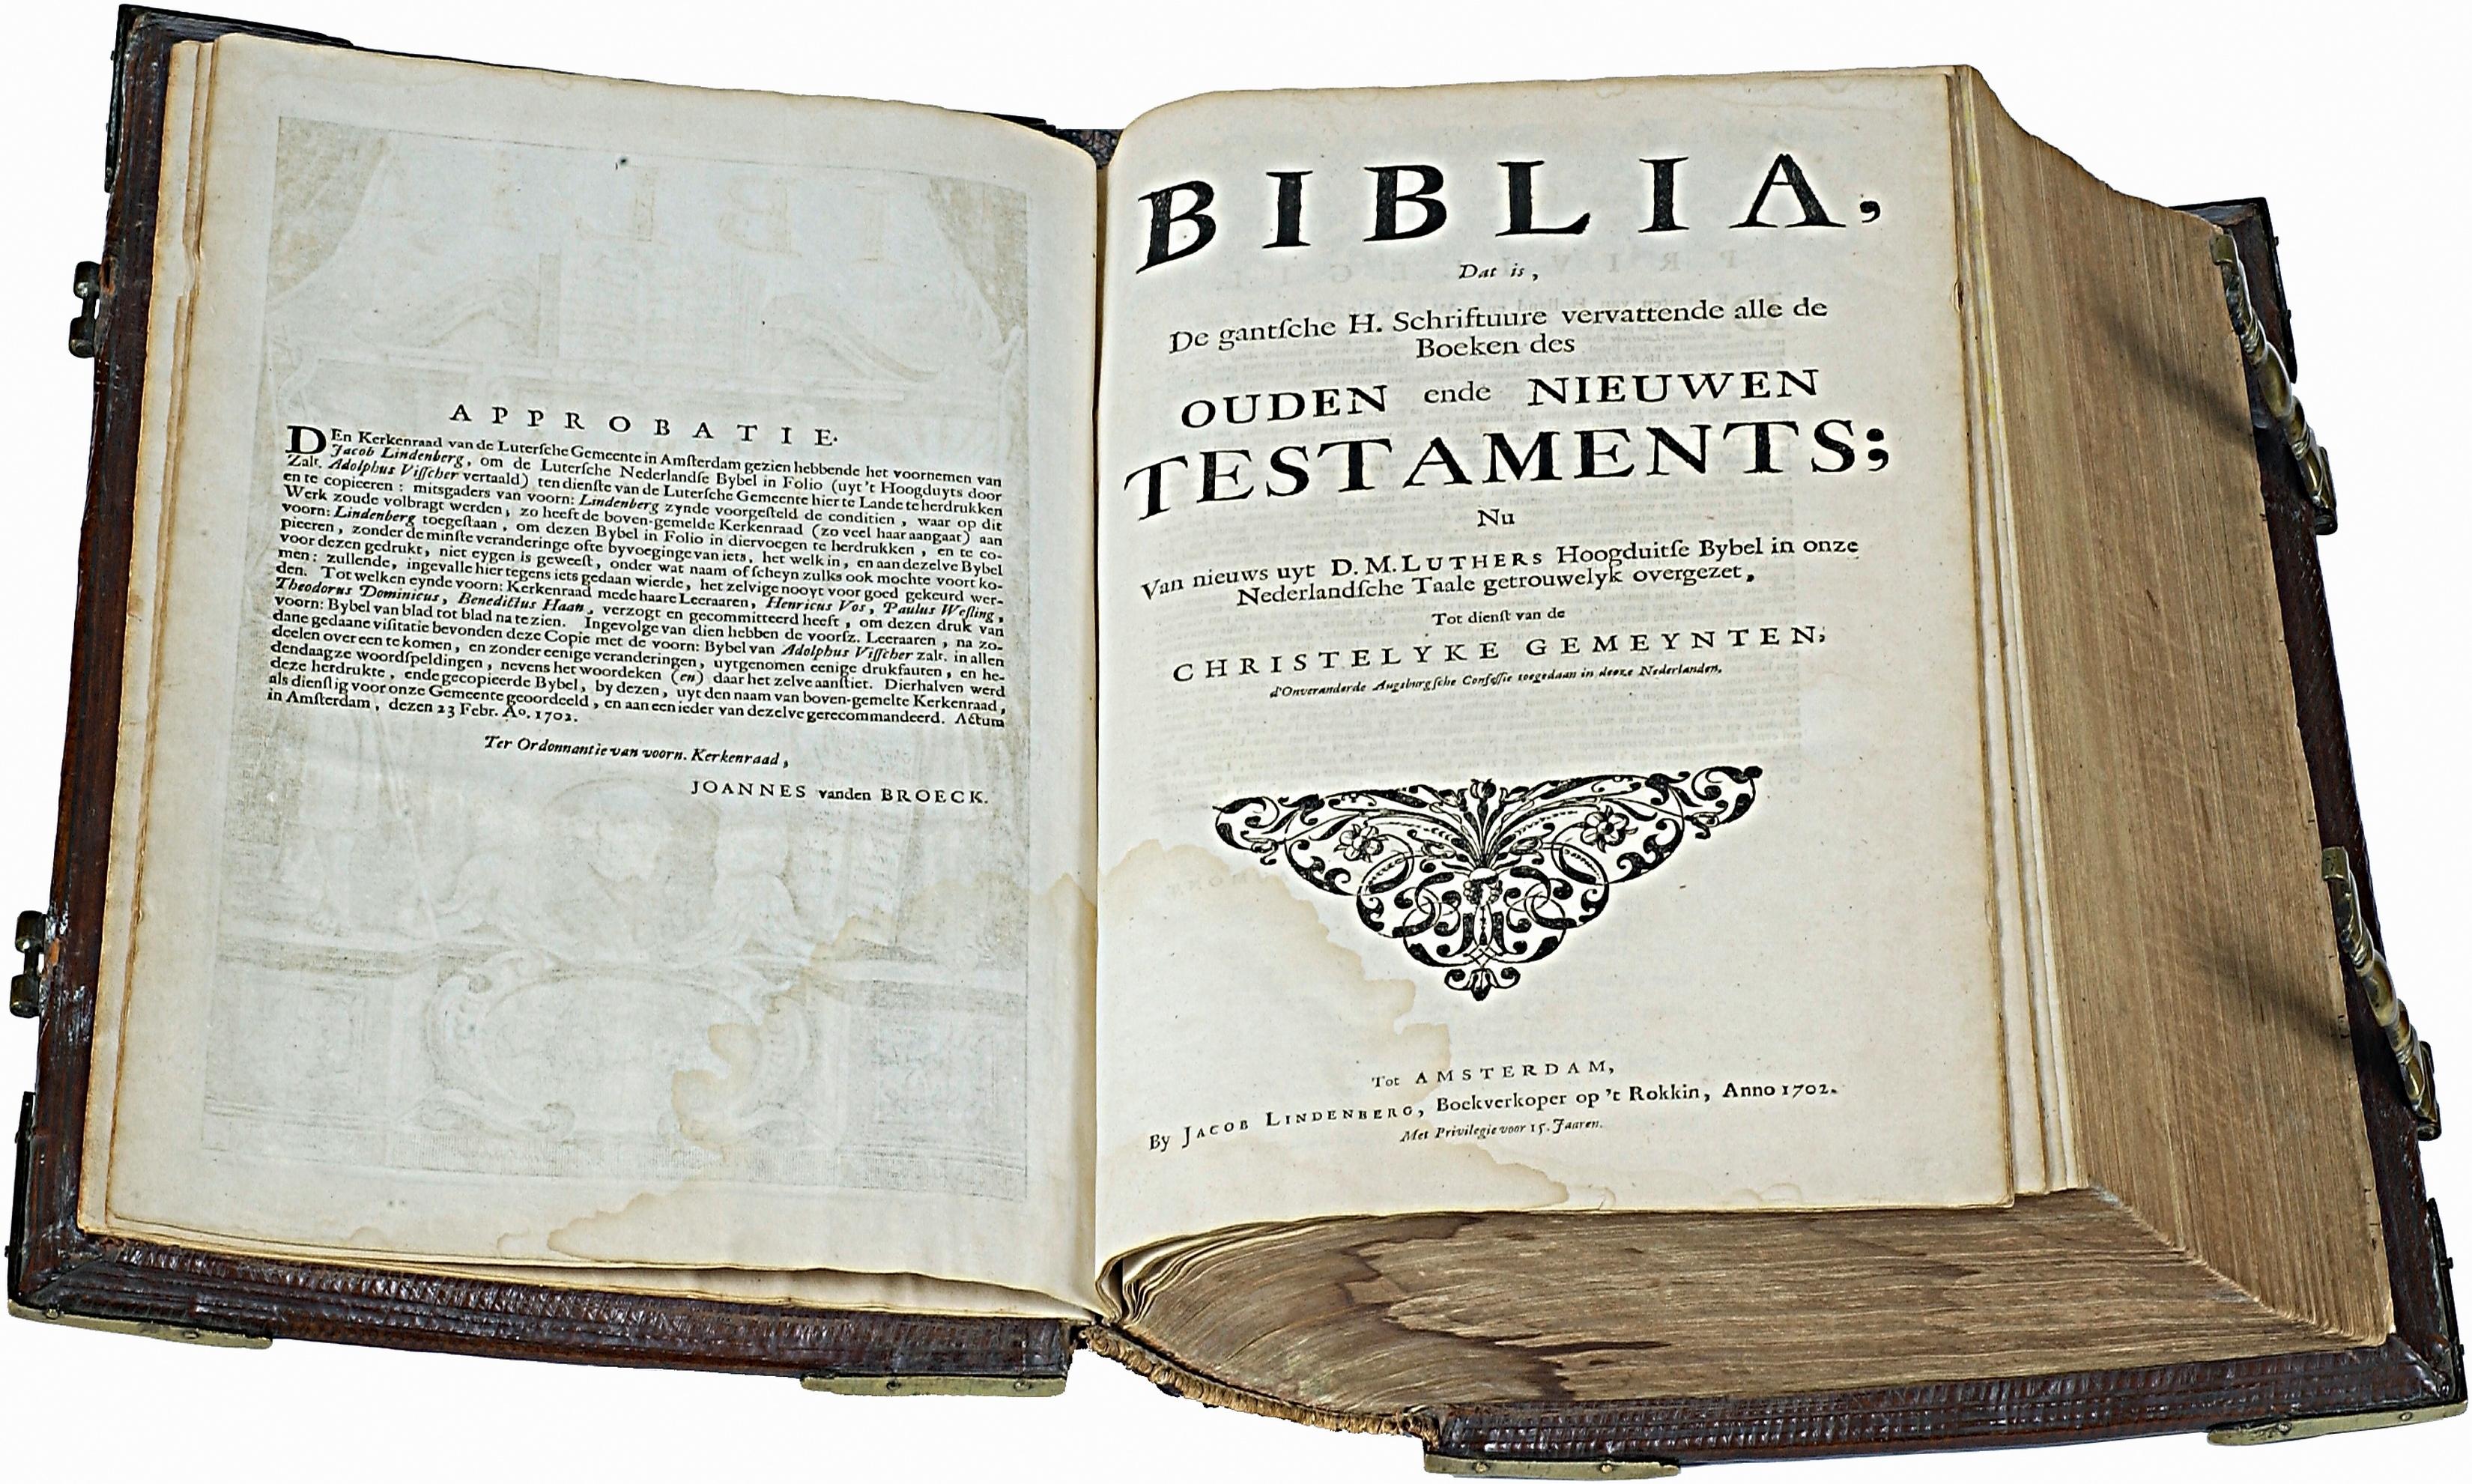 Lecciones de Biblia para niños entre 3 y 5 años |